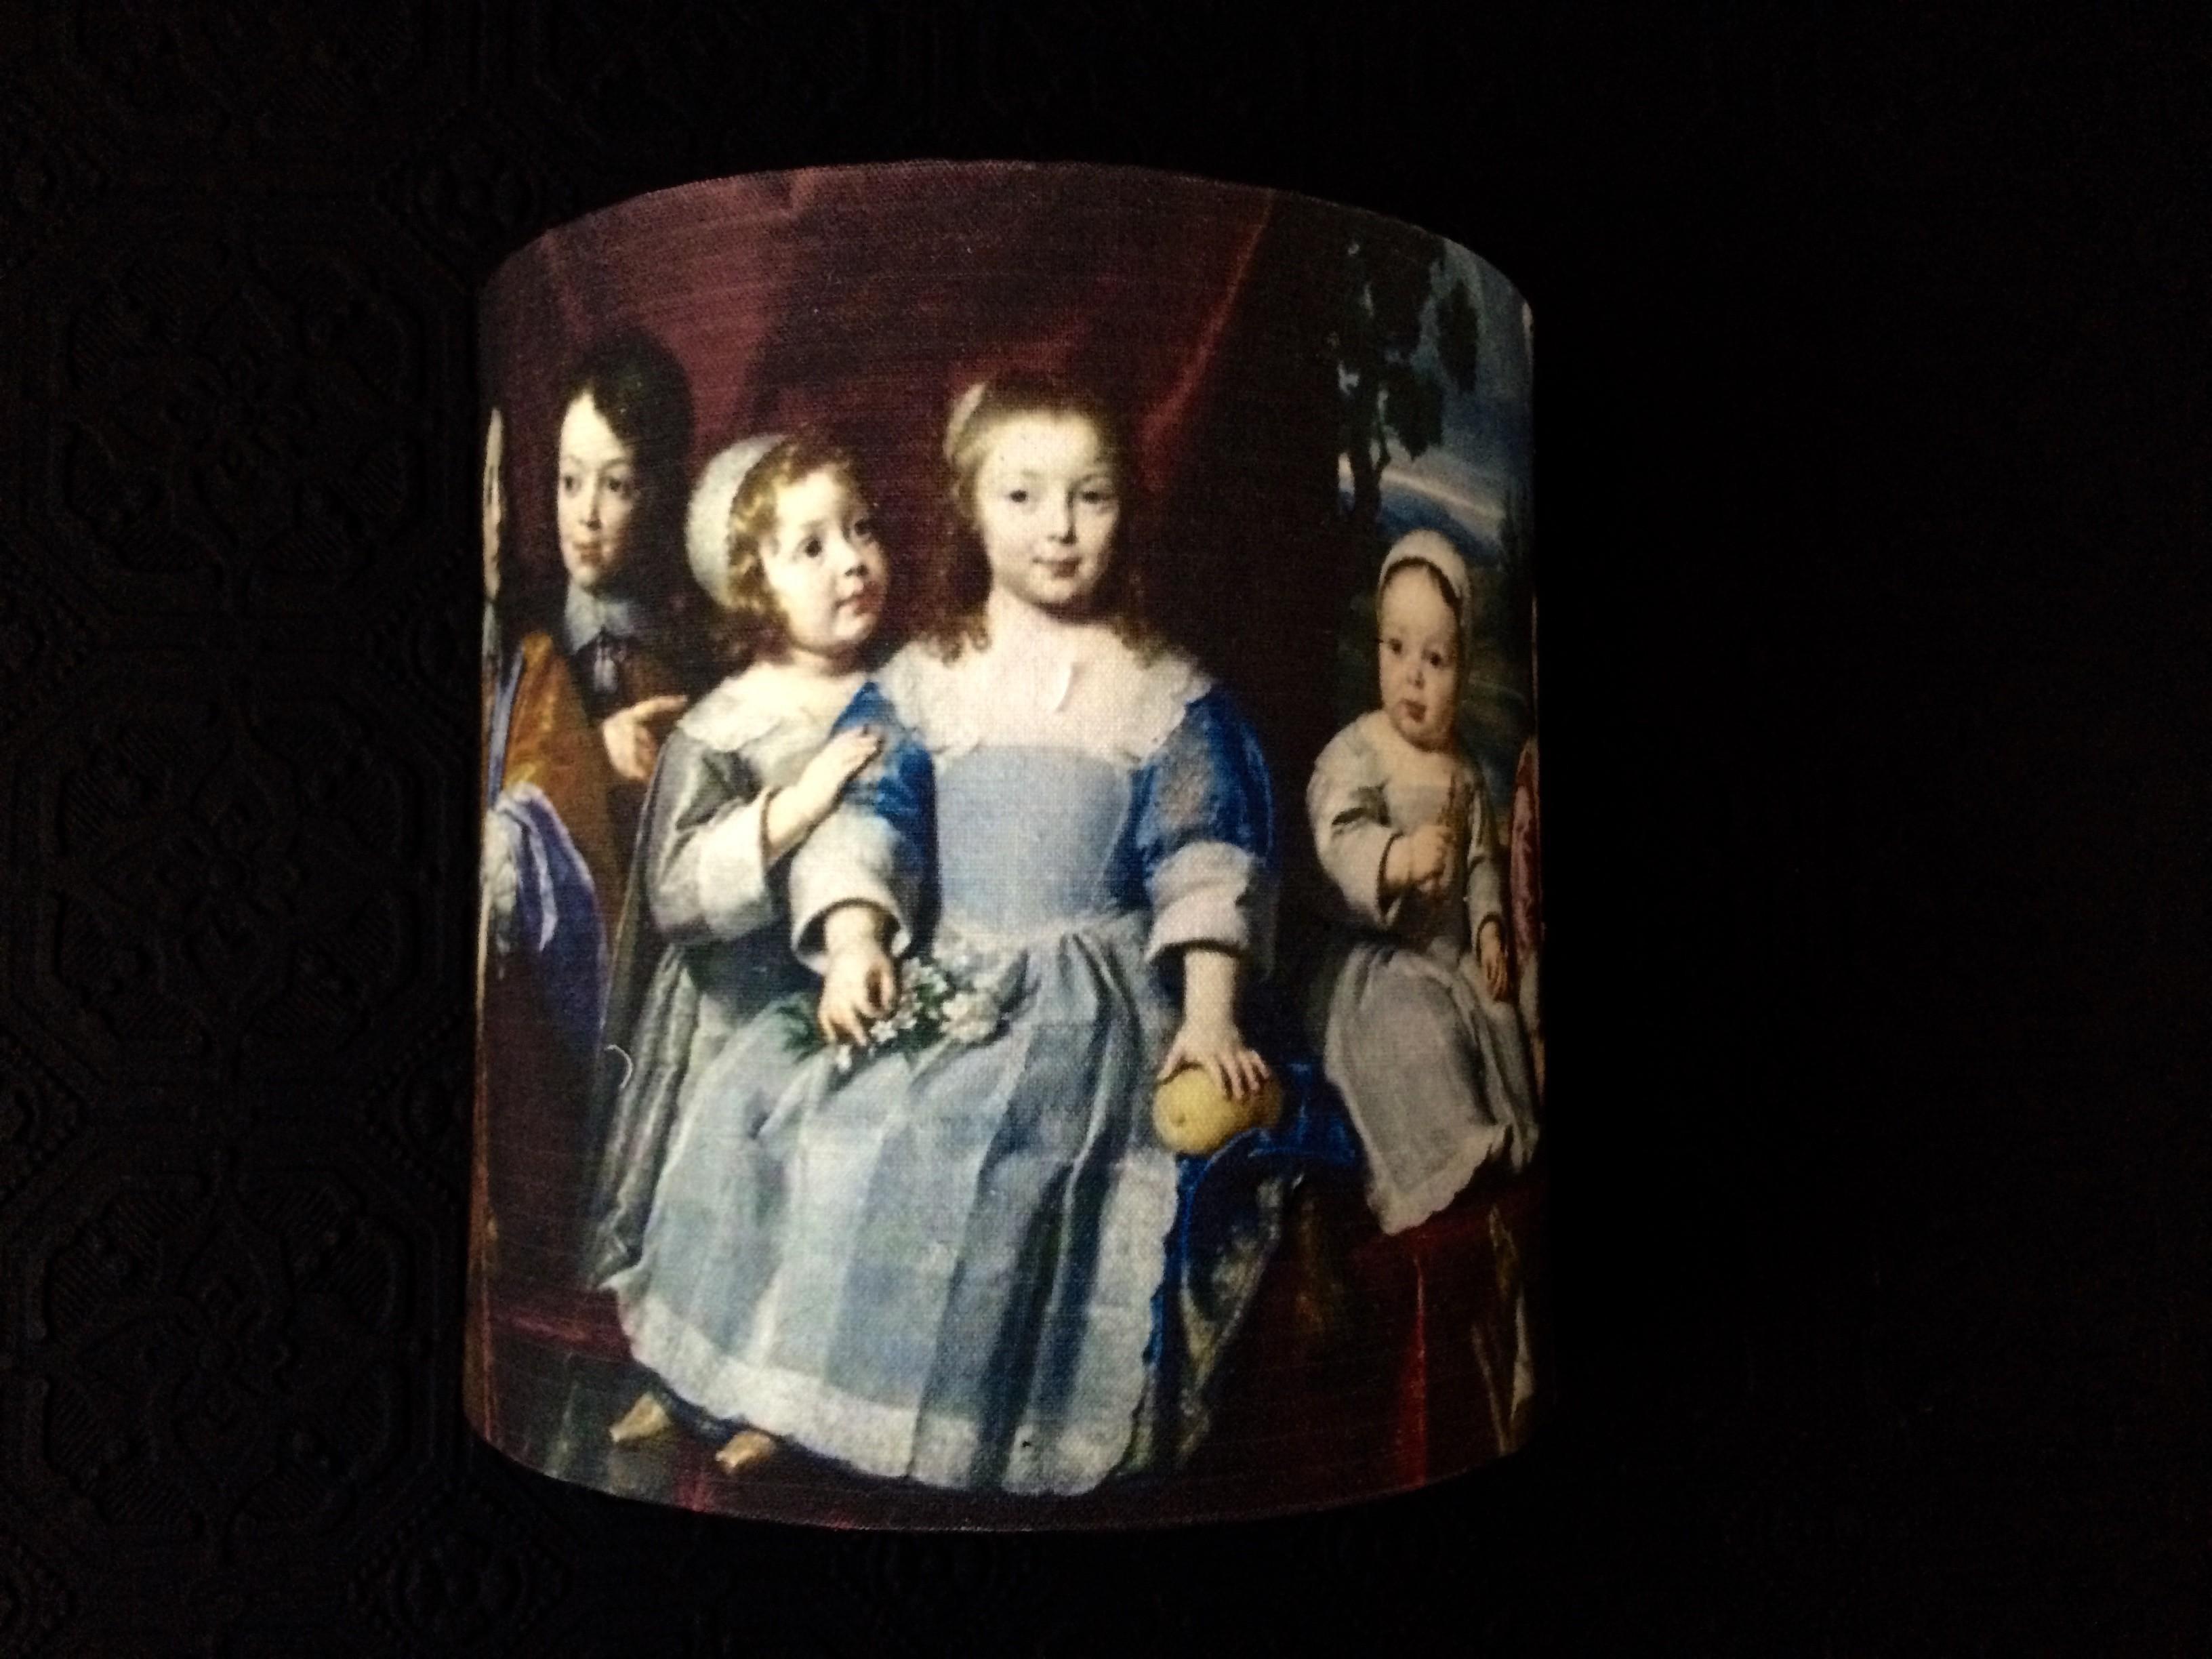 Abat jour demie lune d'après une toile du XVIIe de Philippe de Champaigne